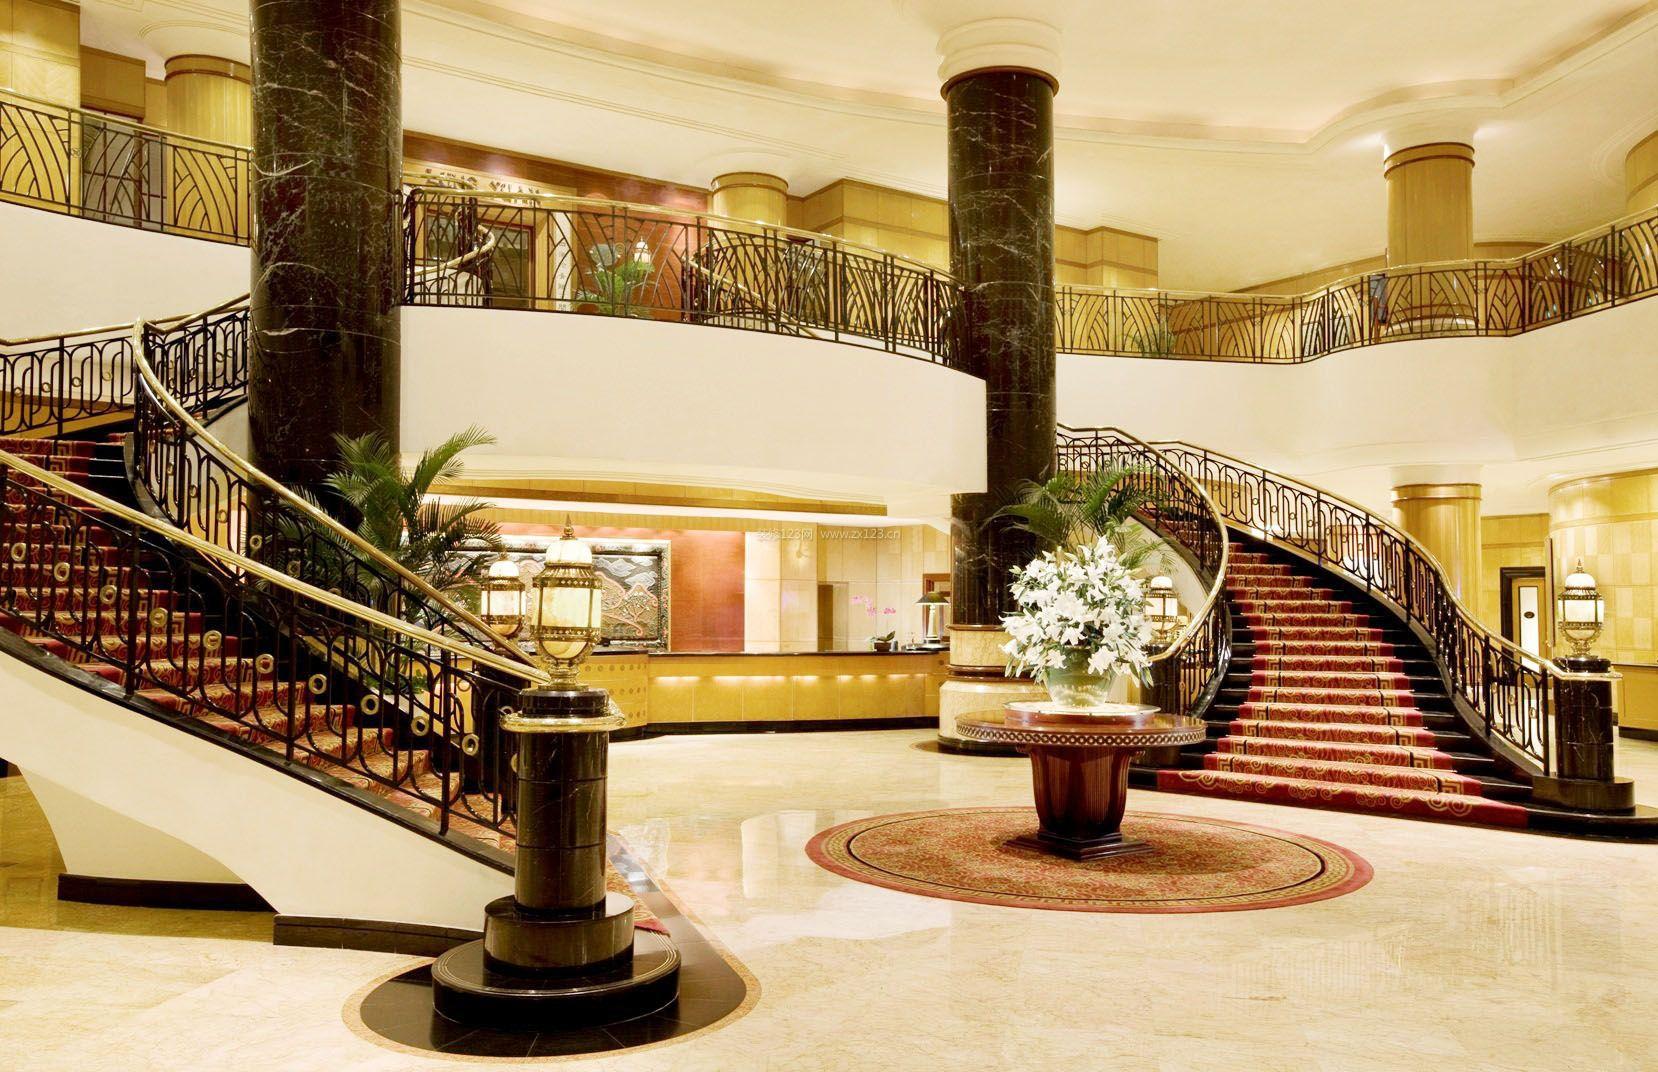 别墅大厅装饰设计图展示